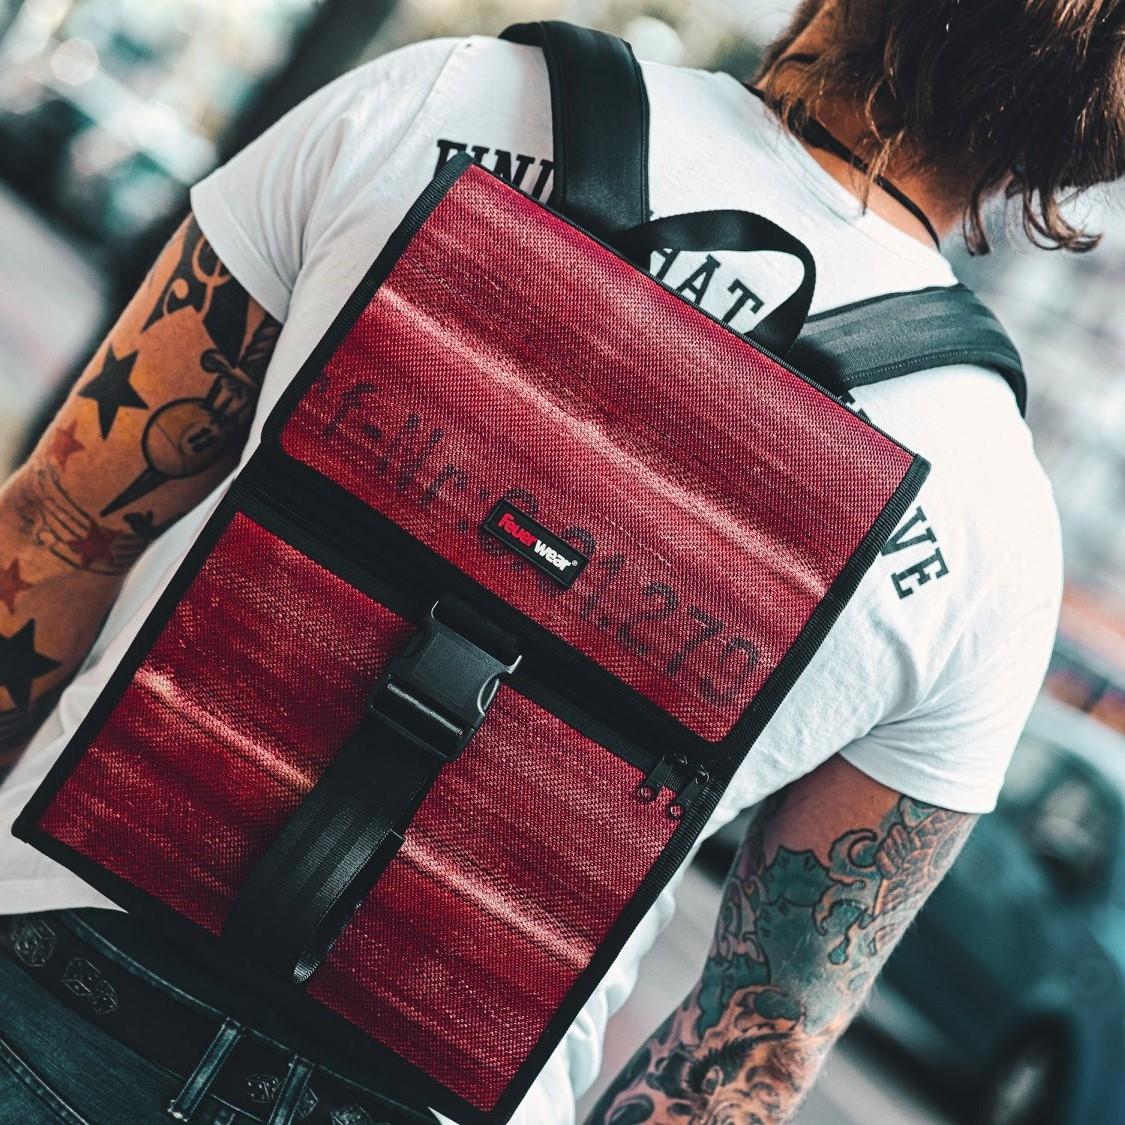 Feuerwear - Taschen, Rucksäcke, Geldtaschen und Accessoires